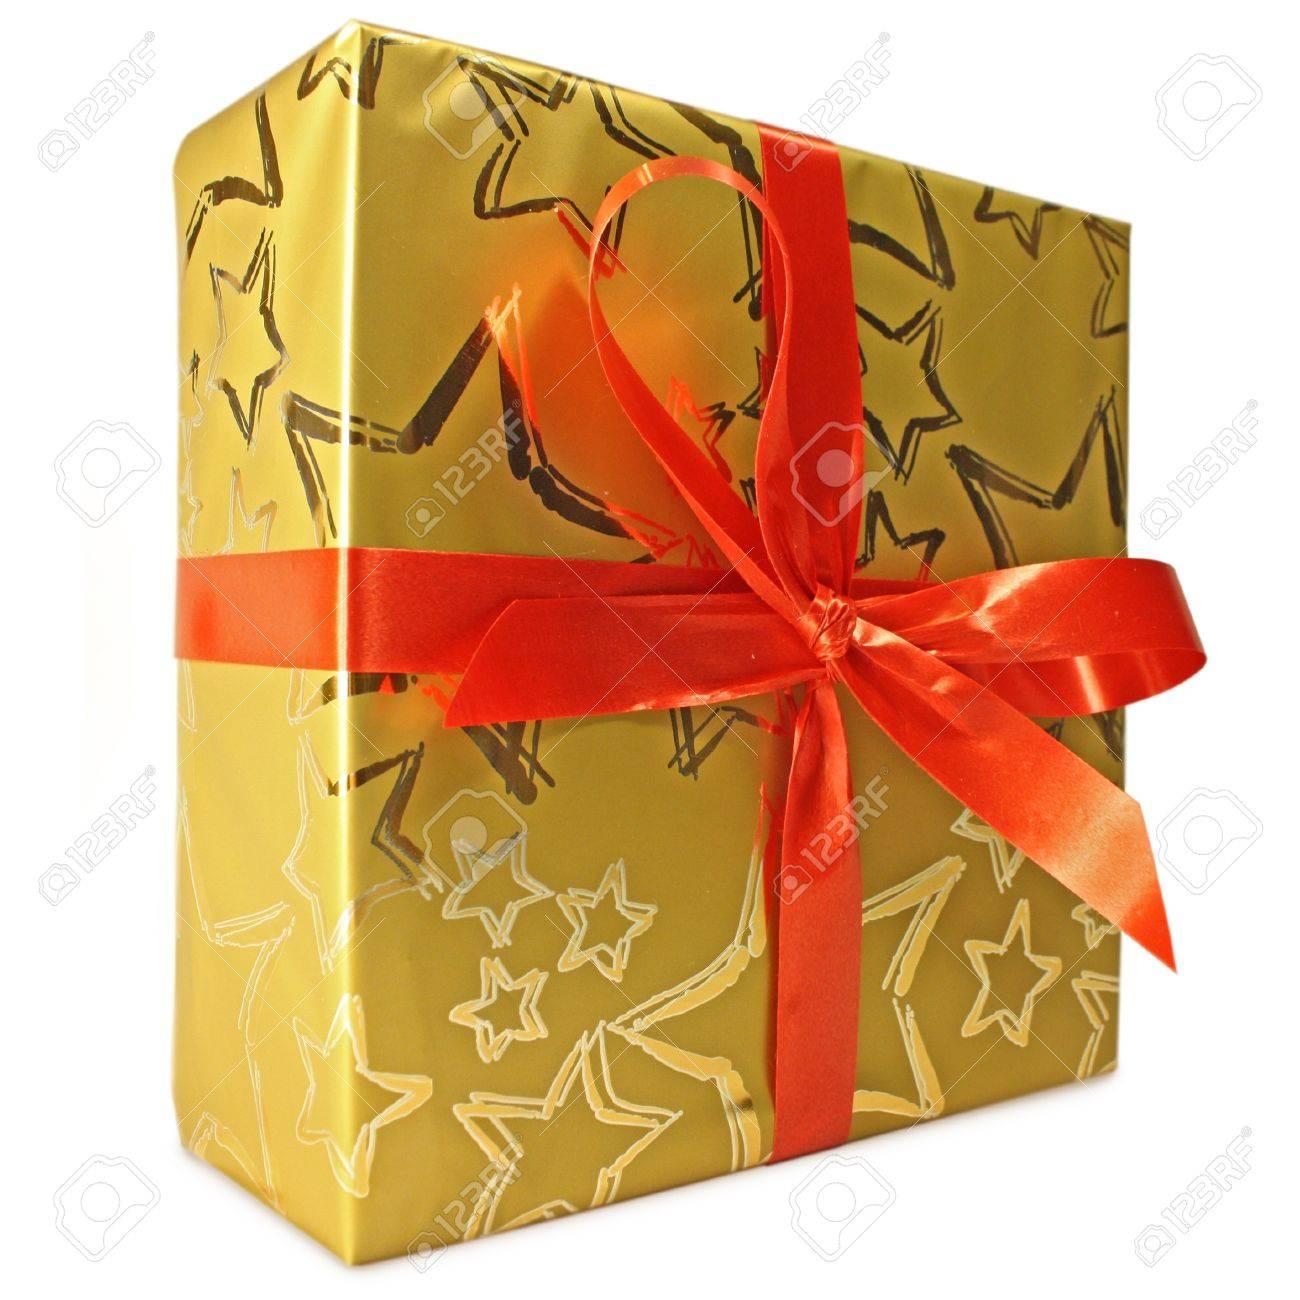 Weihnachtsgeschenk Lizenzfreie Fotos, Bilder Und Stock Fotografie ...